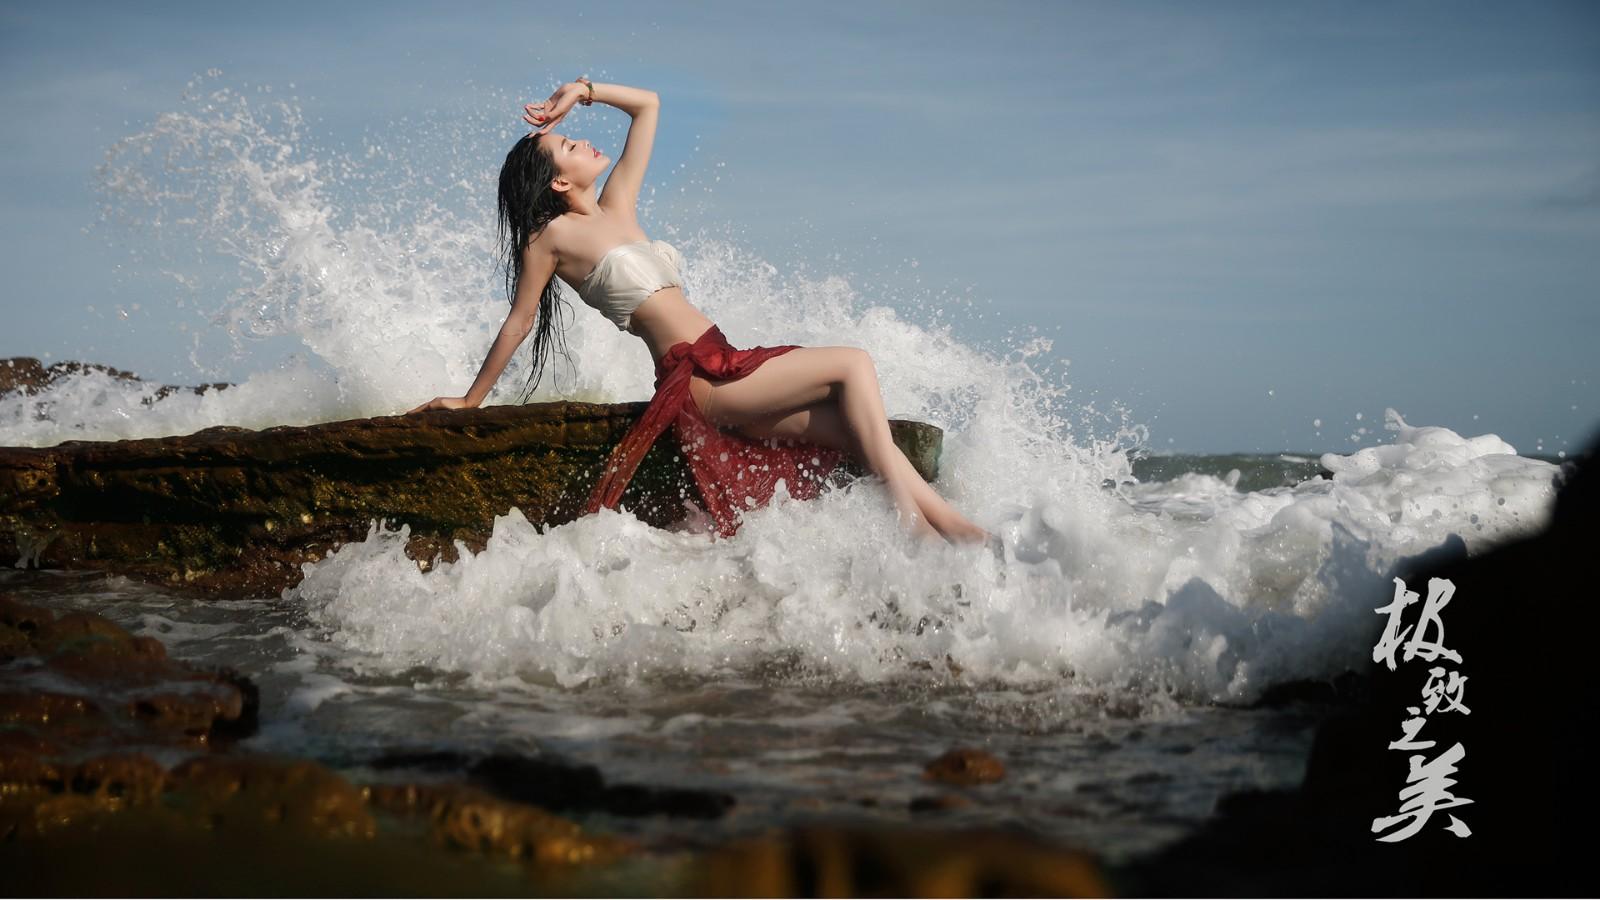 海边摄影,美女,敏敏,海浪,岩石,美女壁纸